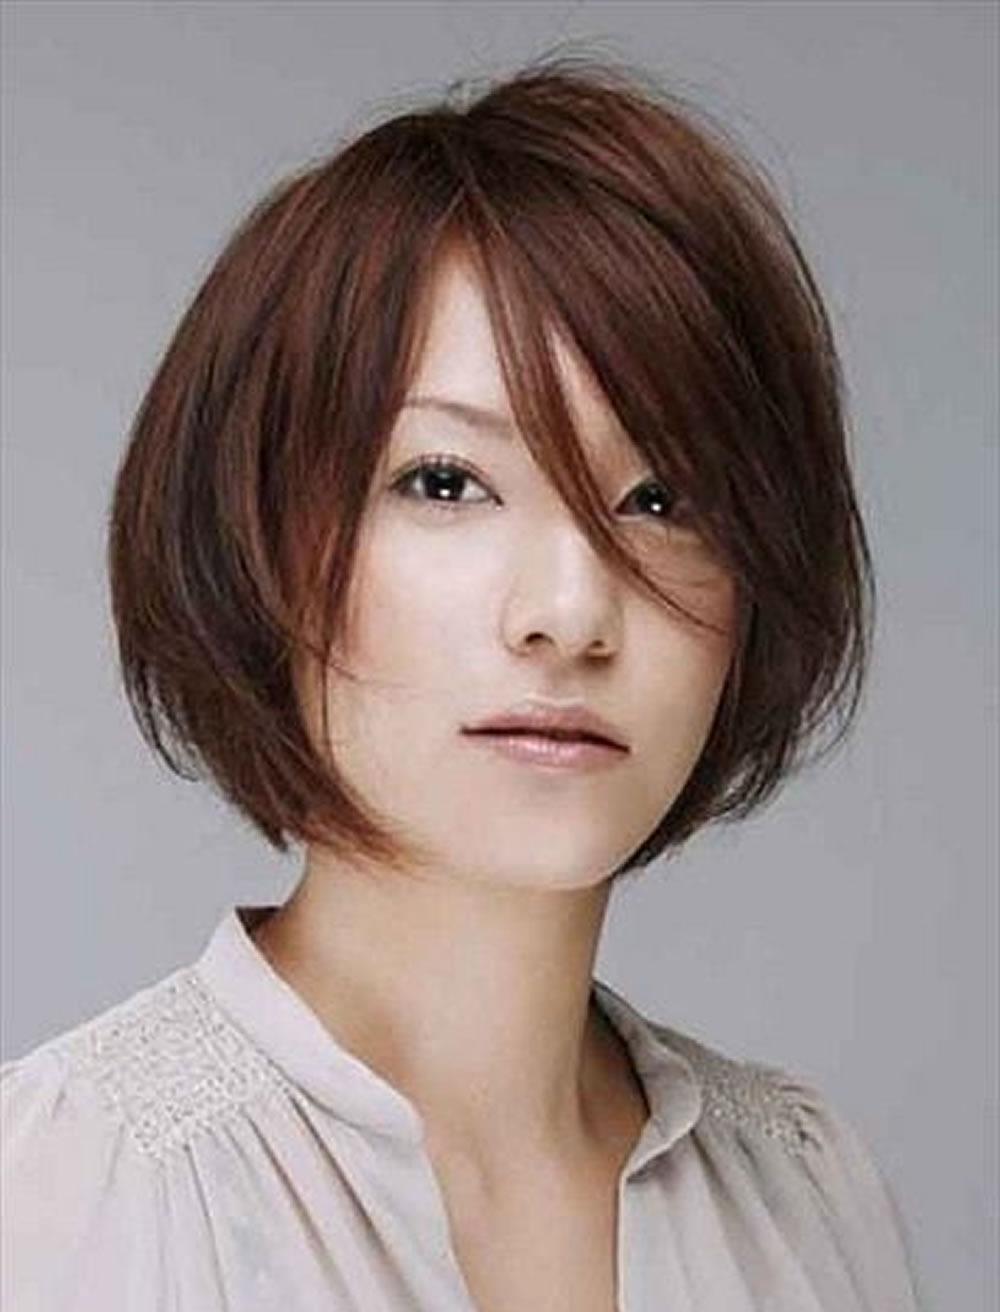 Cute Korean Girl Short Hairstyles In Korean Girl Short Hairstyle (View 23 of 25)